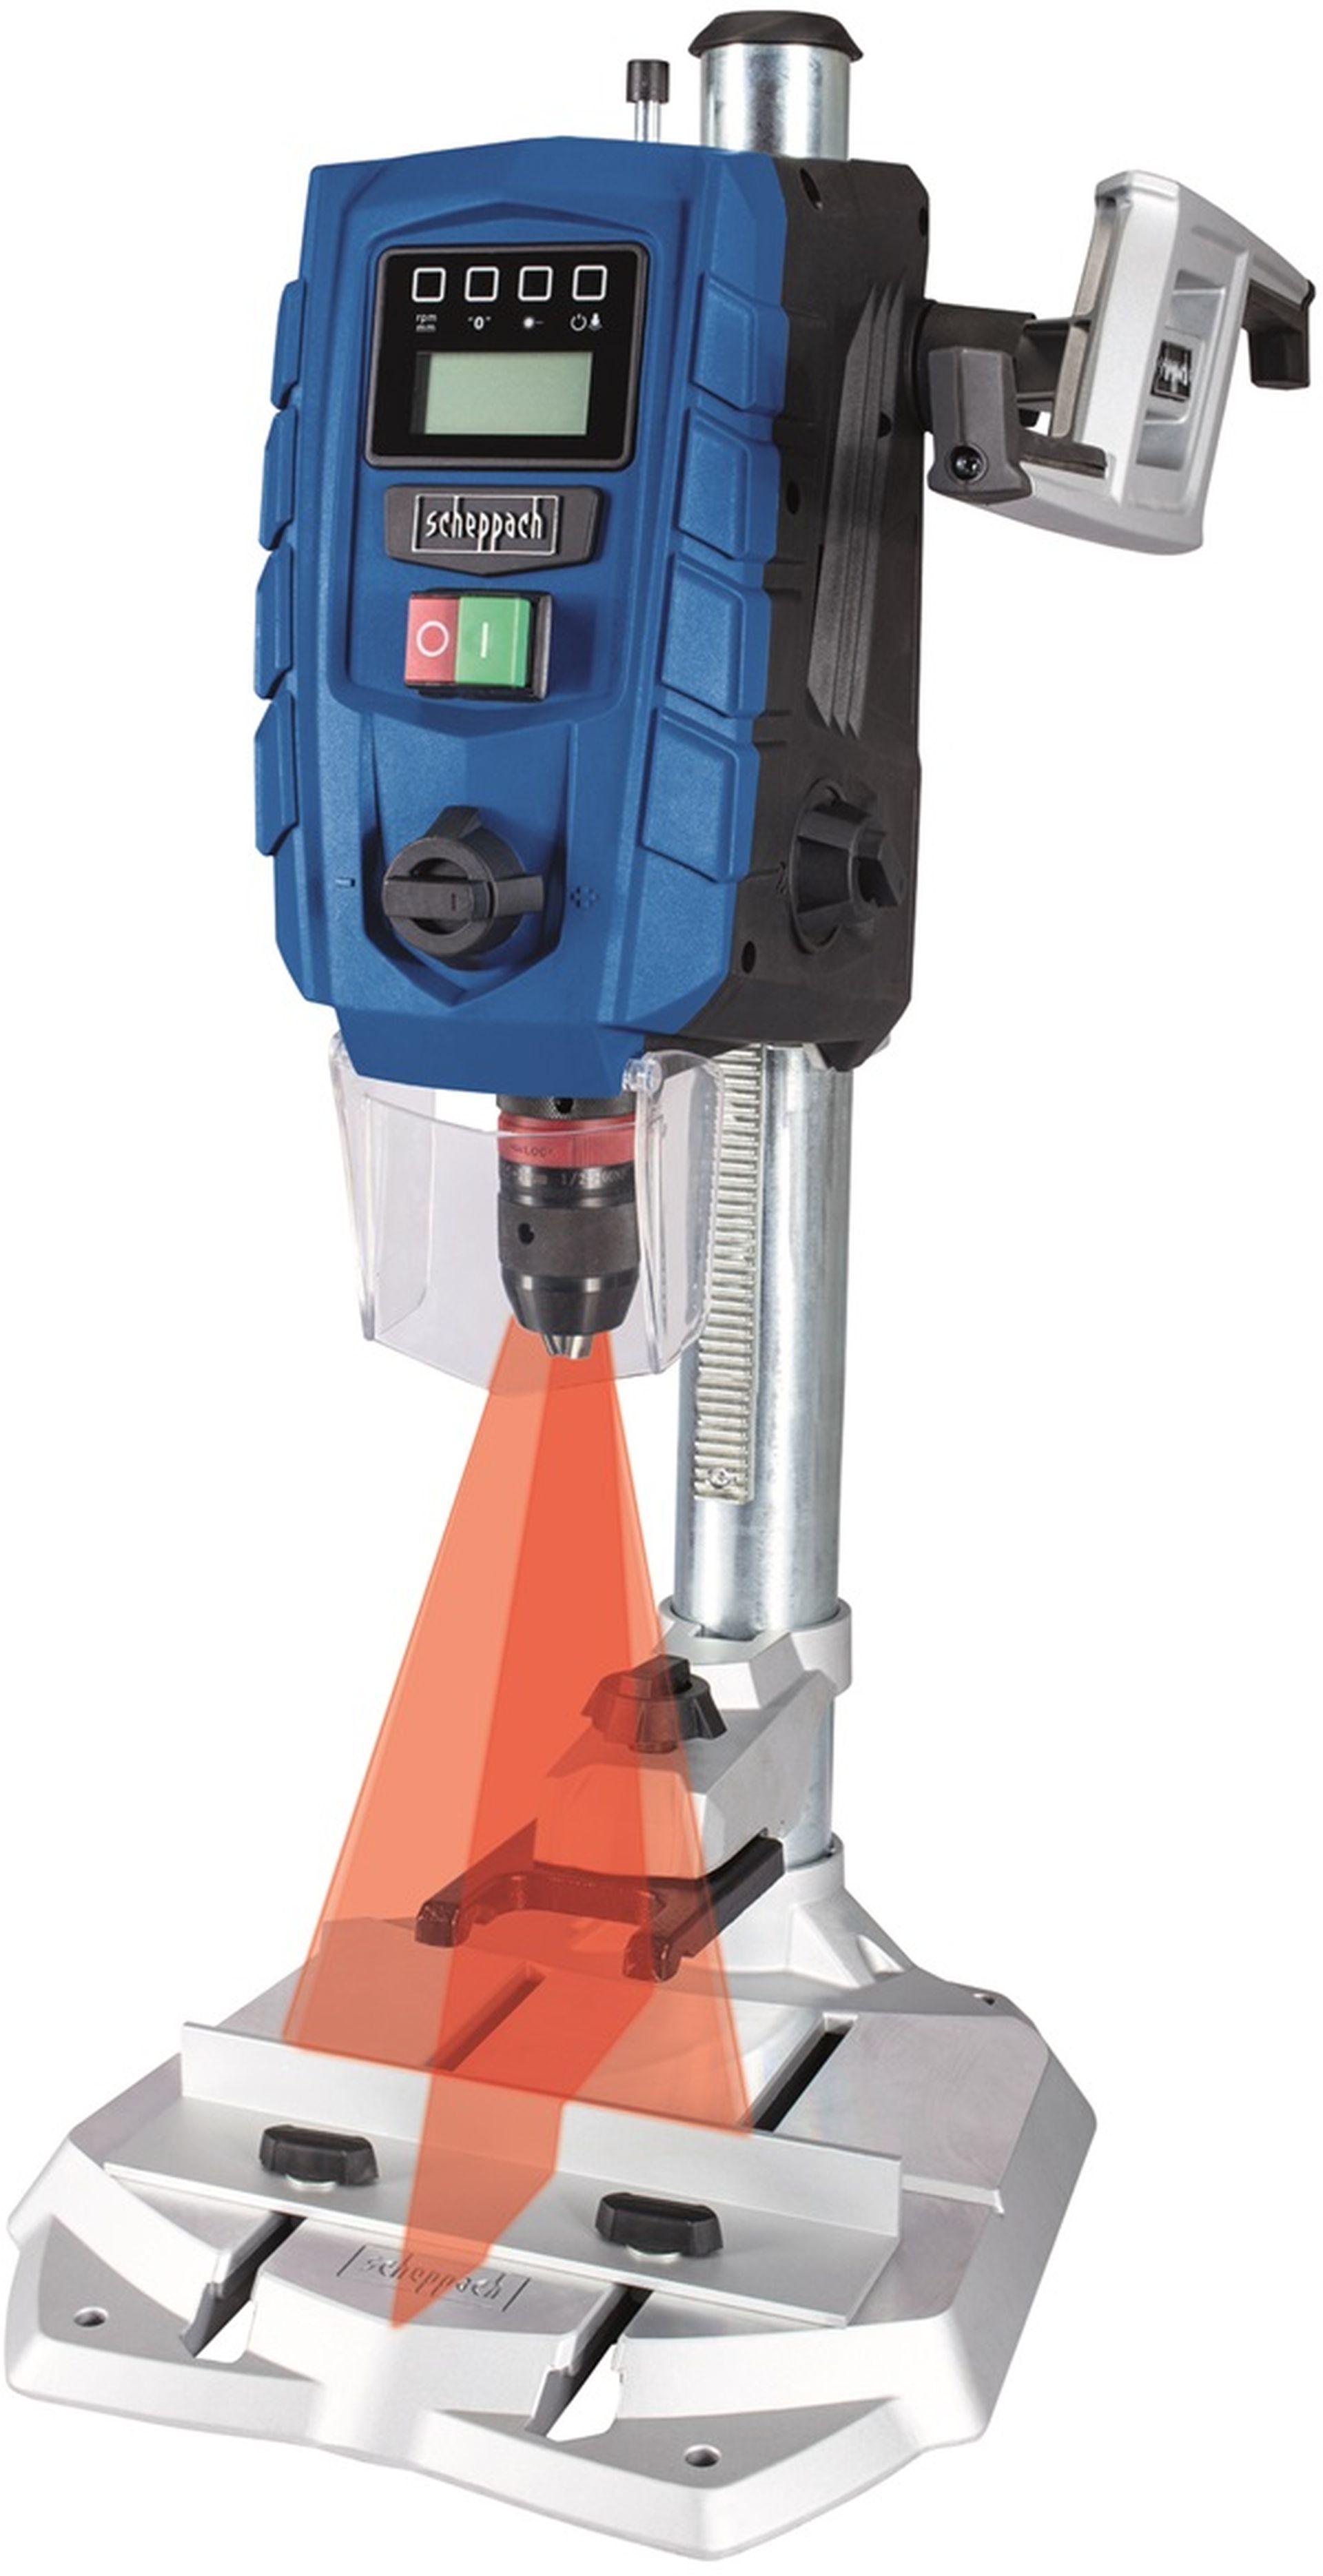 SCHEPPACH DP 60 Stojanová vrtačka s křížovým laserem a LED osvětlením 5906821901